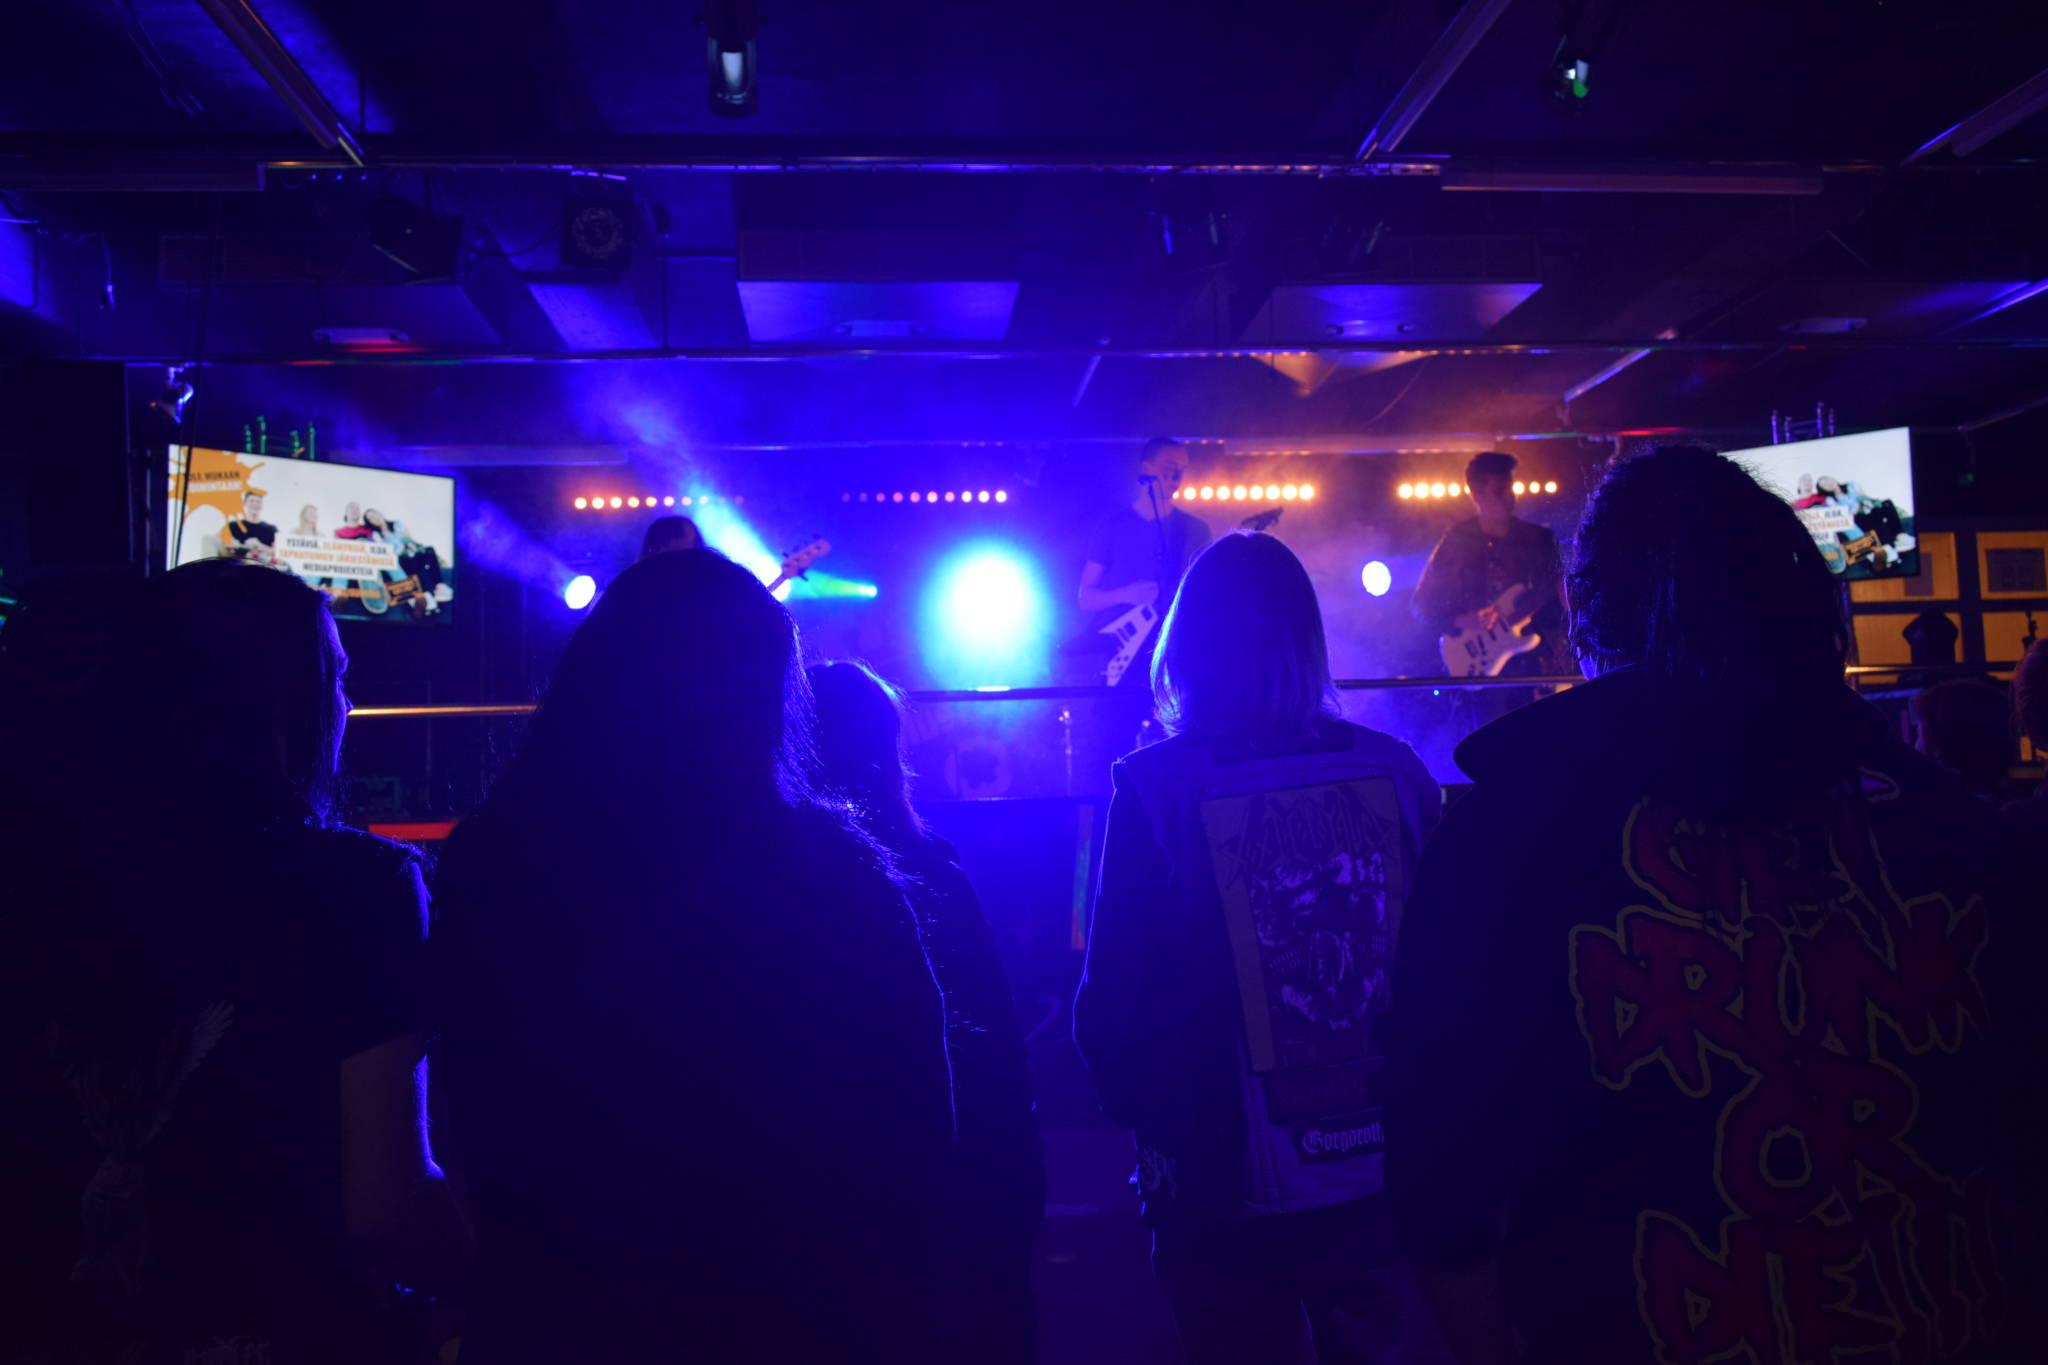 Yleisöä ja yhtye lavalla iltatapahtumassa.